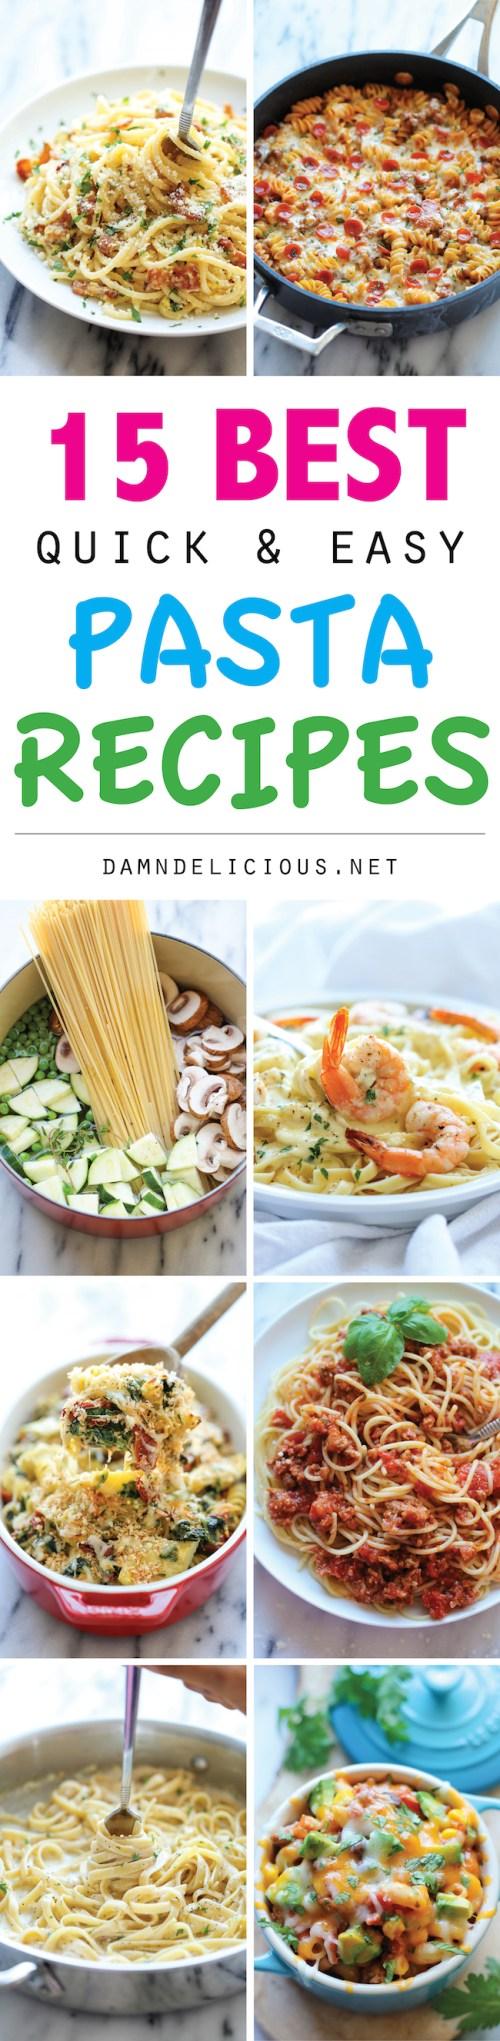 Medium Of Best Pasta Recipes